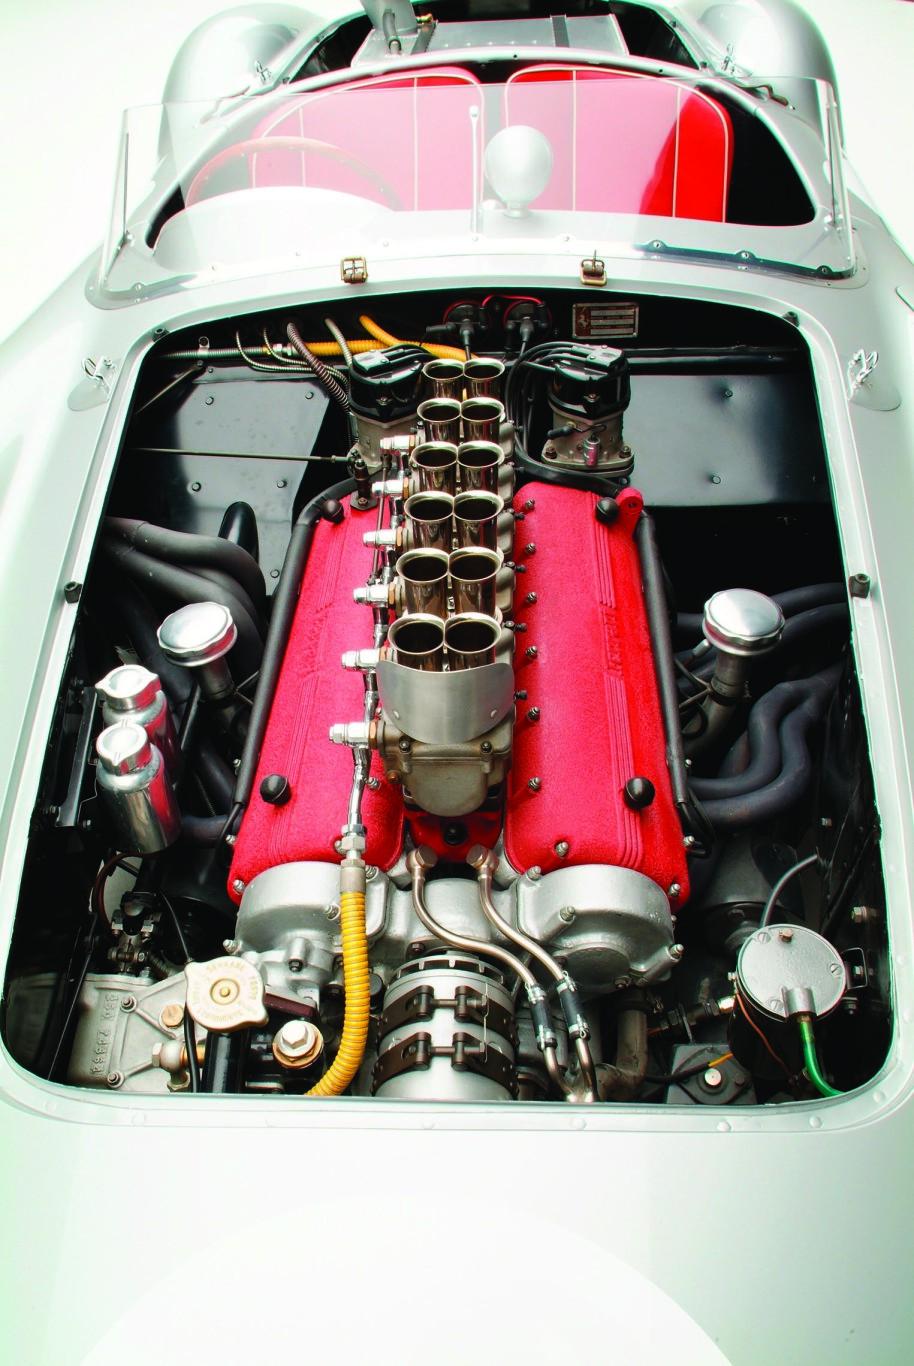 1957 Ferrari Testa Rossa V12 Engine